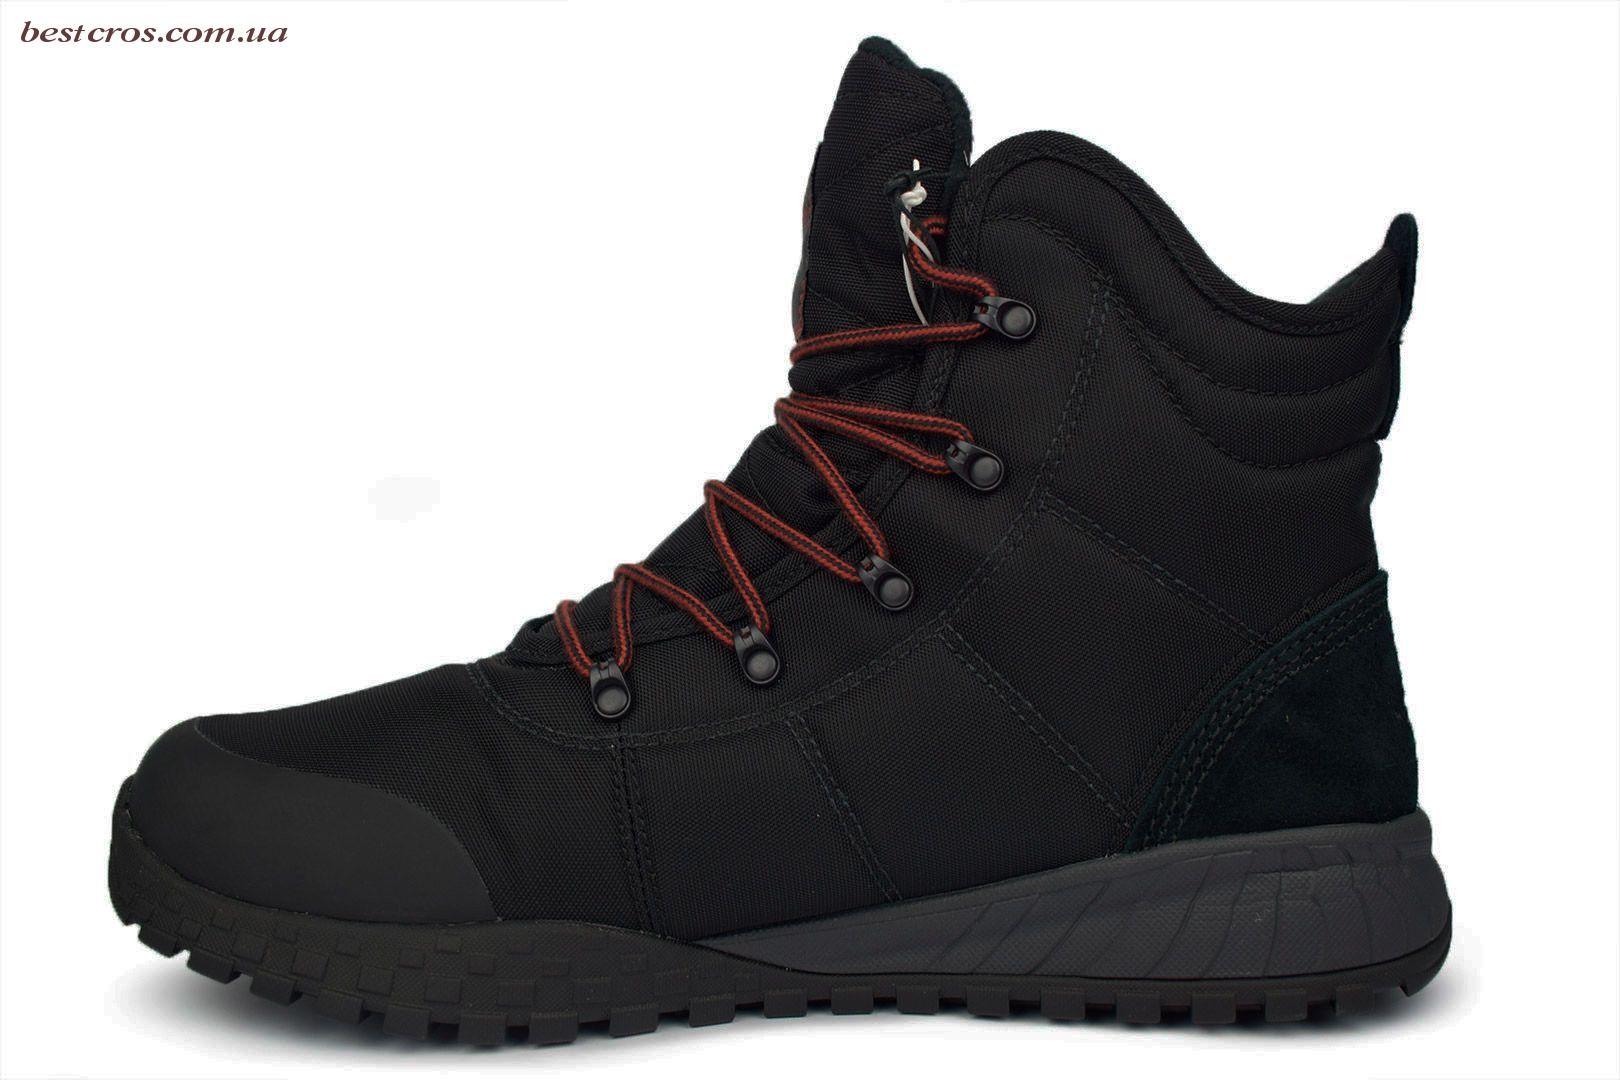 Зимние мужские ботинки Columbia Firecamp lll Boot